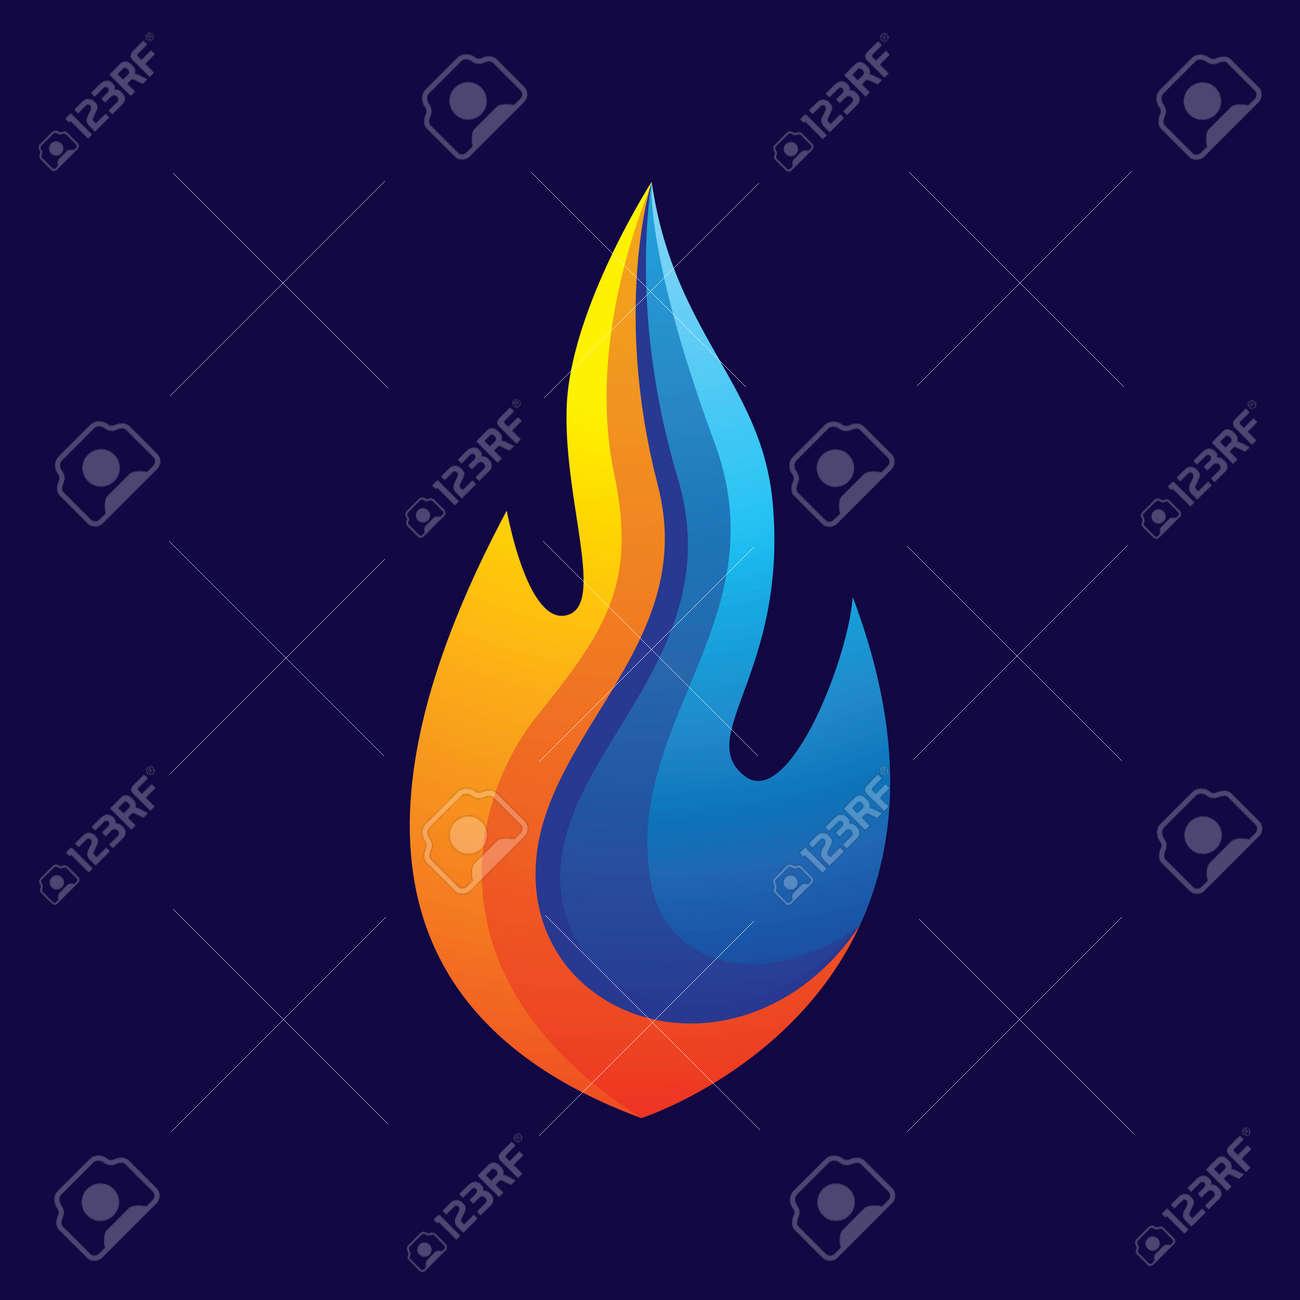 Fire logo images illustration design - 168292201